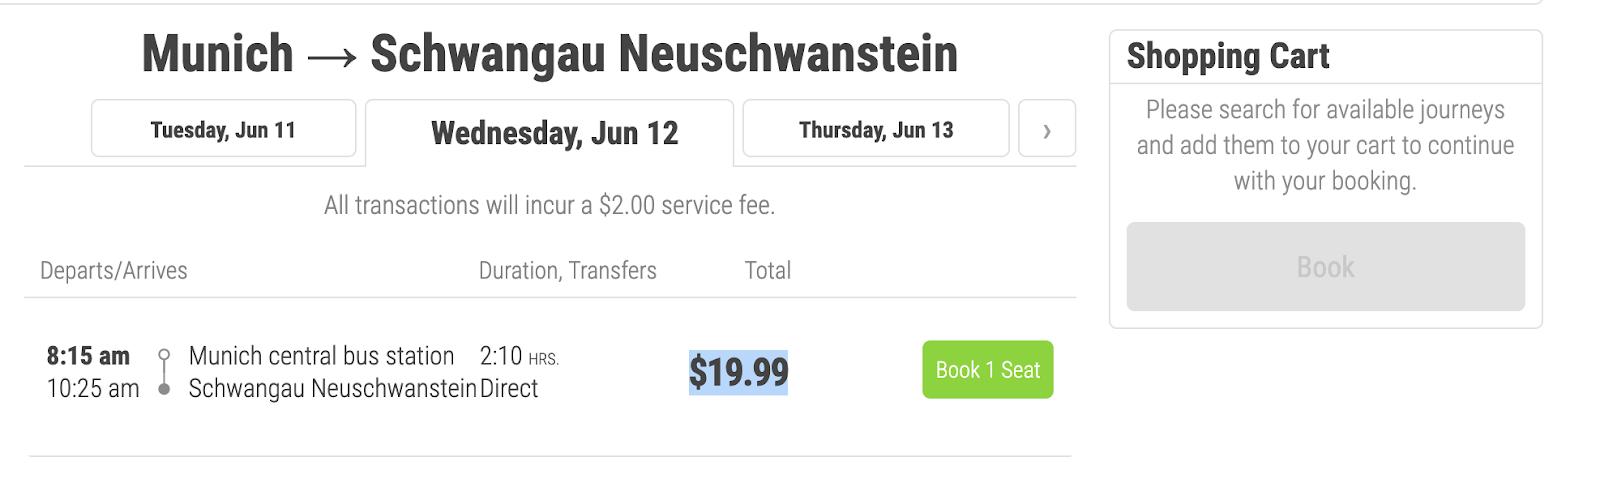 Neuschwanstein Castle itinerary